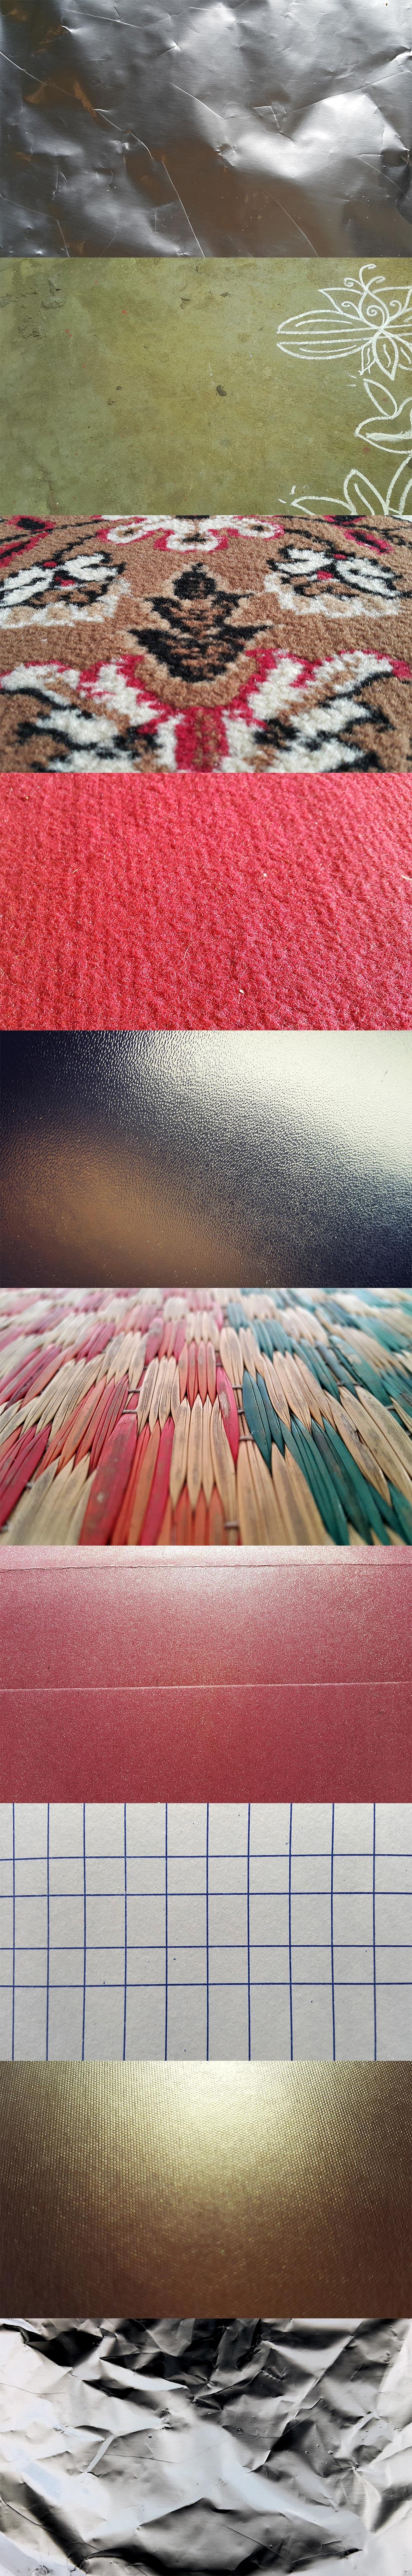 Free Closeup Textures